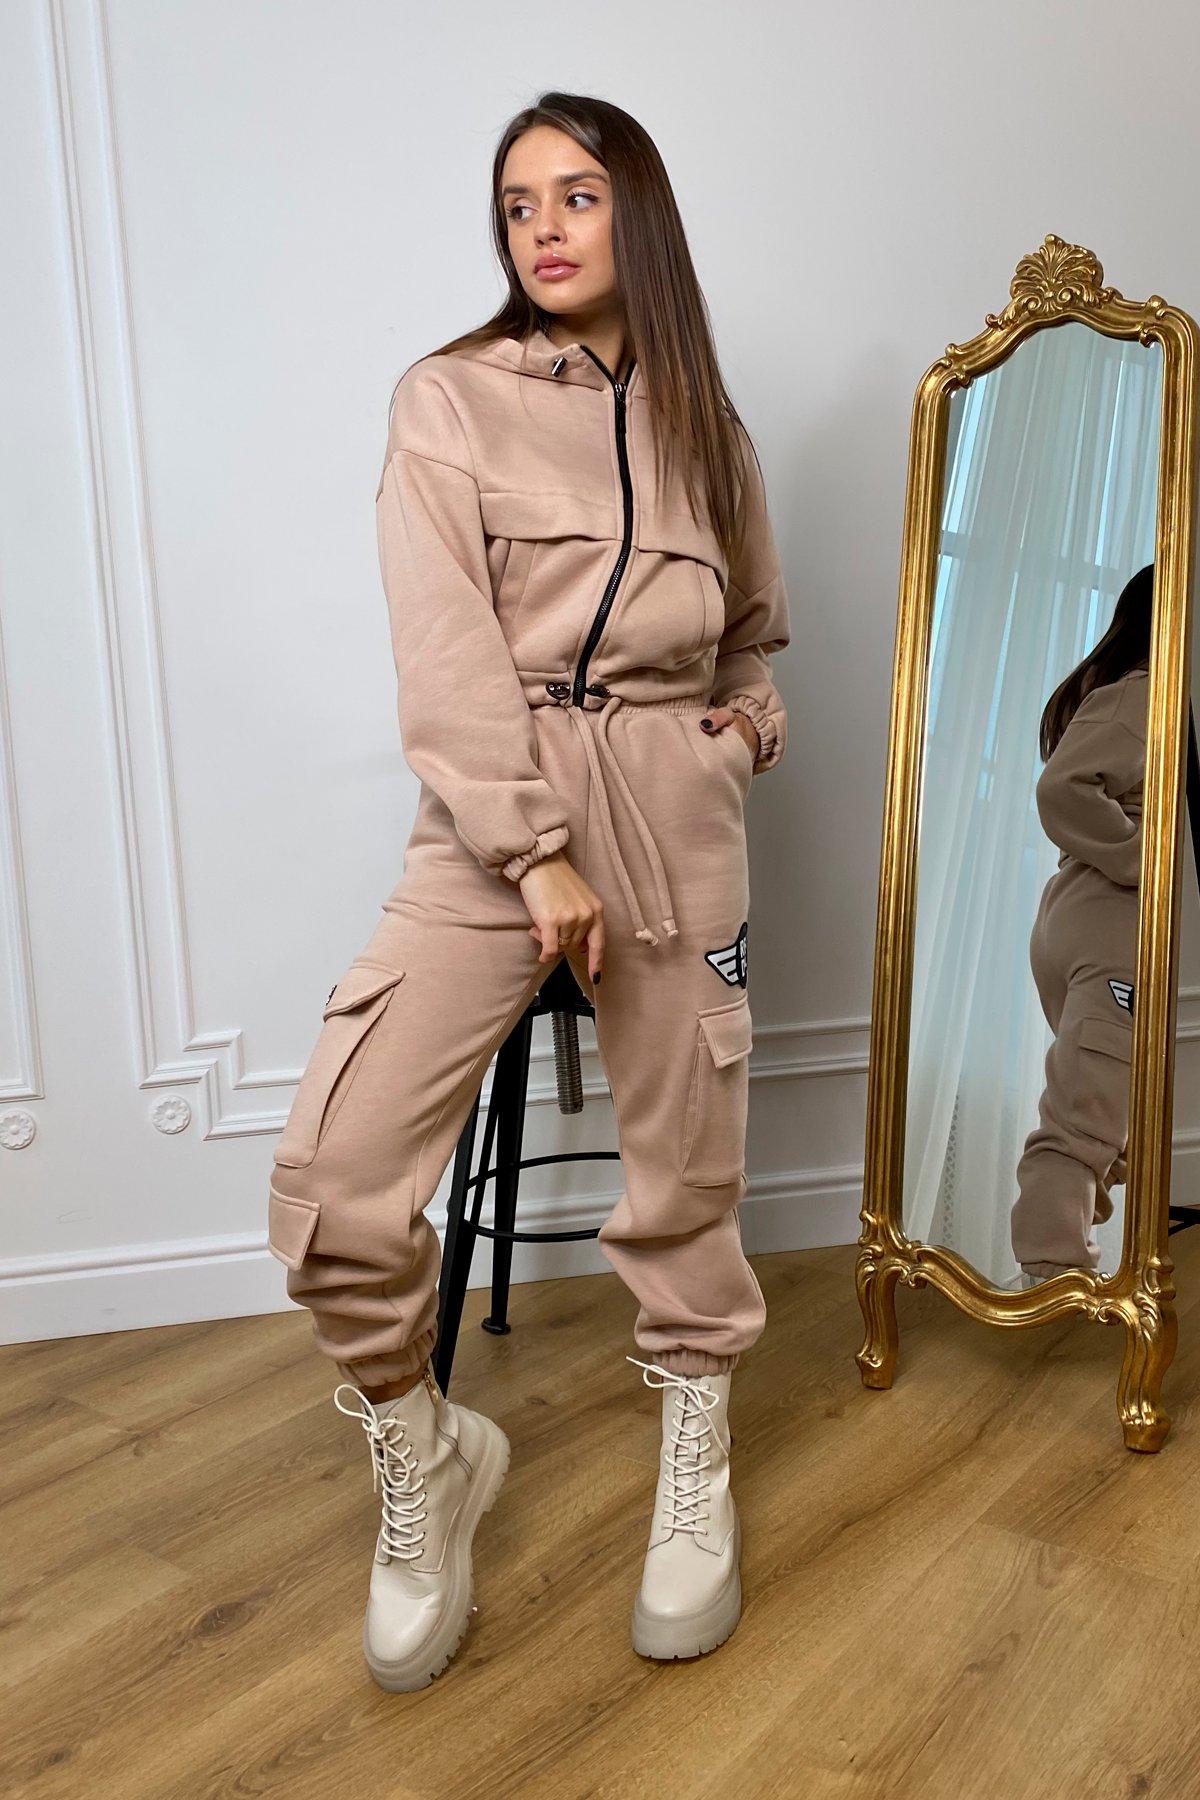 Кьюи  прогулочный костю 3х нитка с начесом 9933 АРТ. 46257 Цвет: Бежевый - фото 3, интернет магазин tm-modus.ru